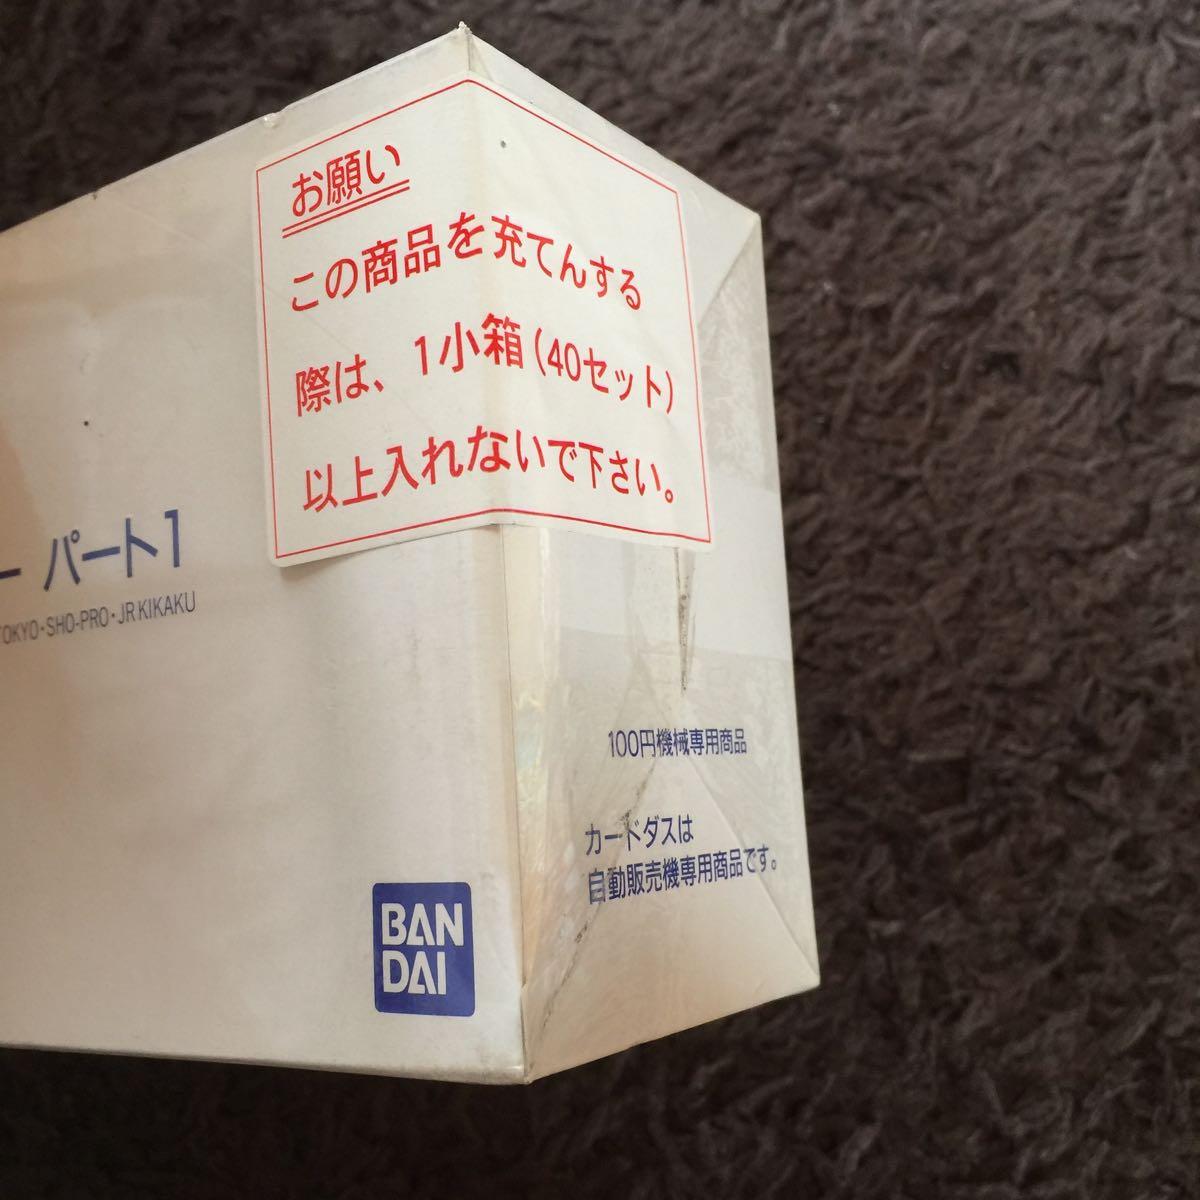 【送料無料】カードダス100 スライドアップ ポケットモンスター パート1 / カードダス 箱付き 箱 廃盤 レア ポケモン pokemon_画像2